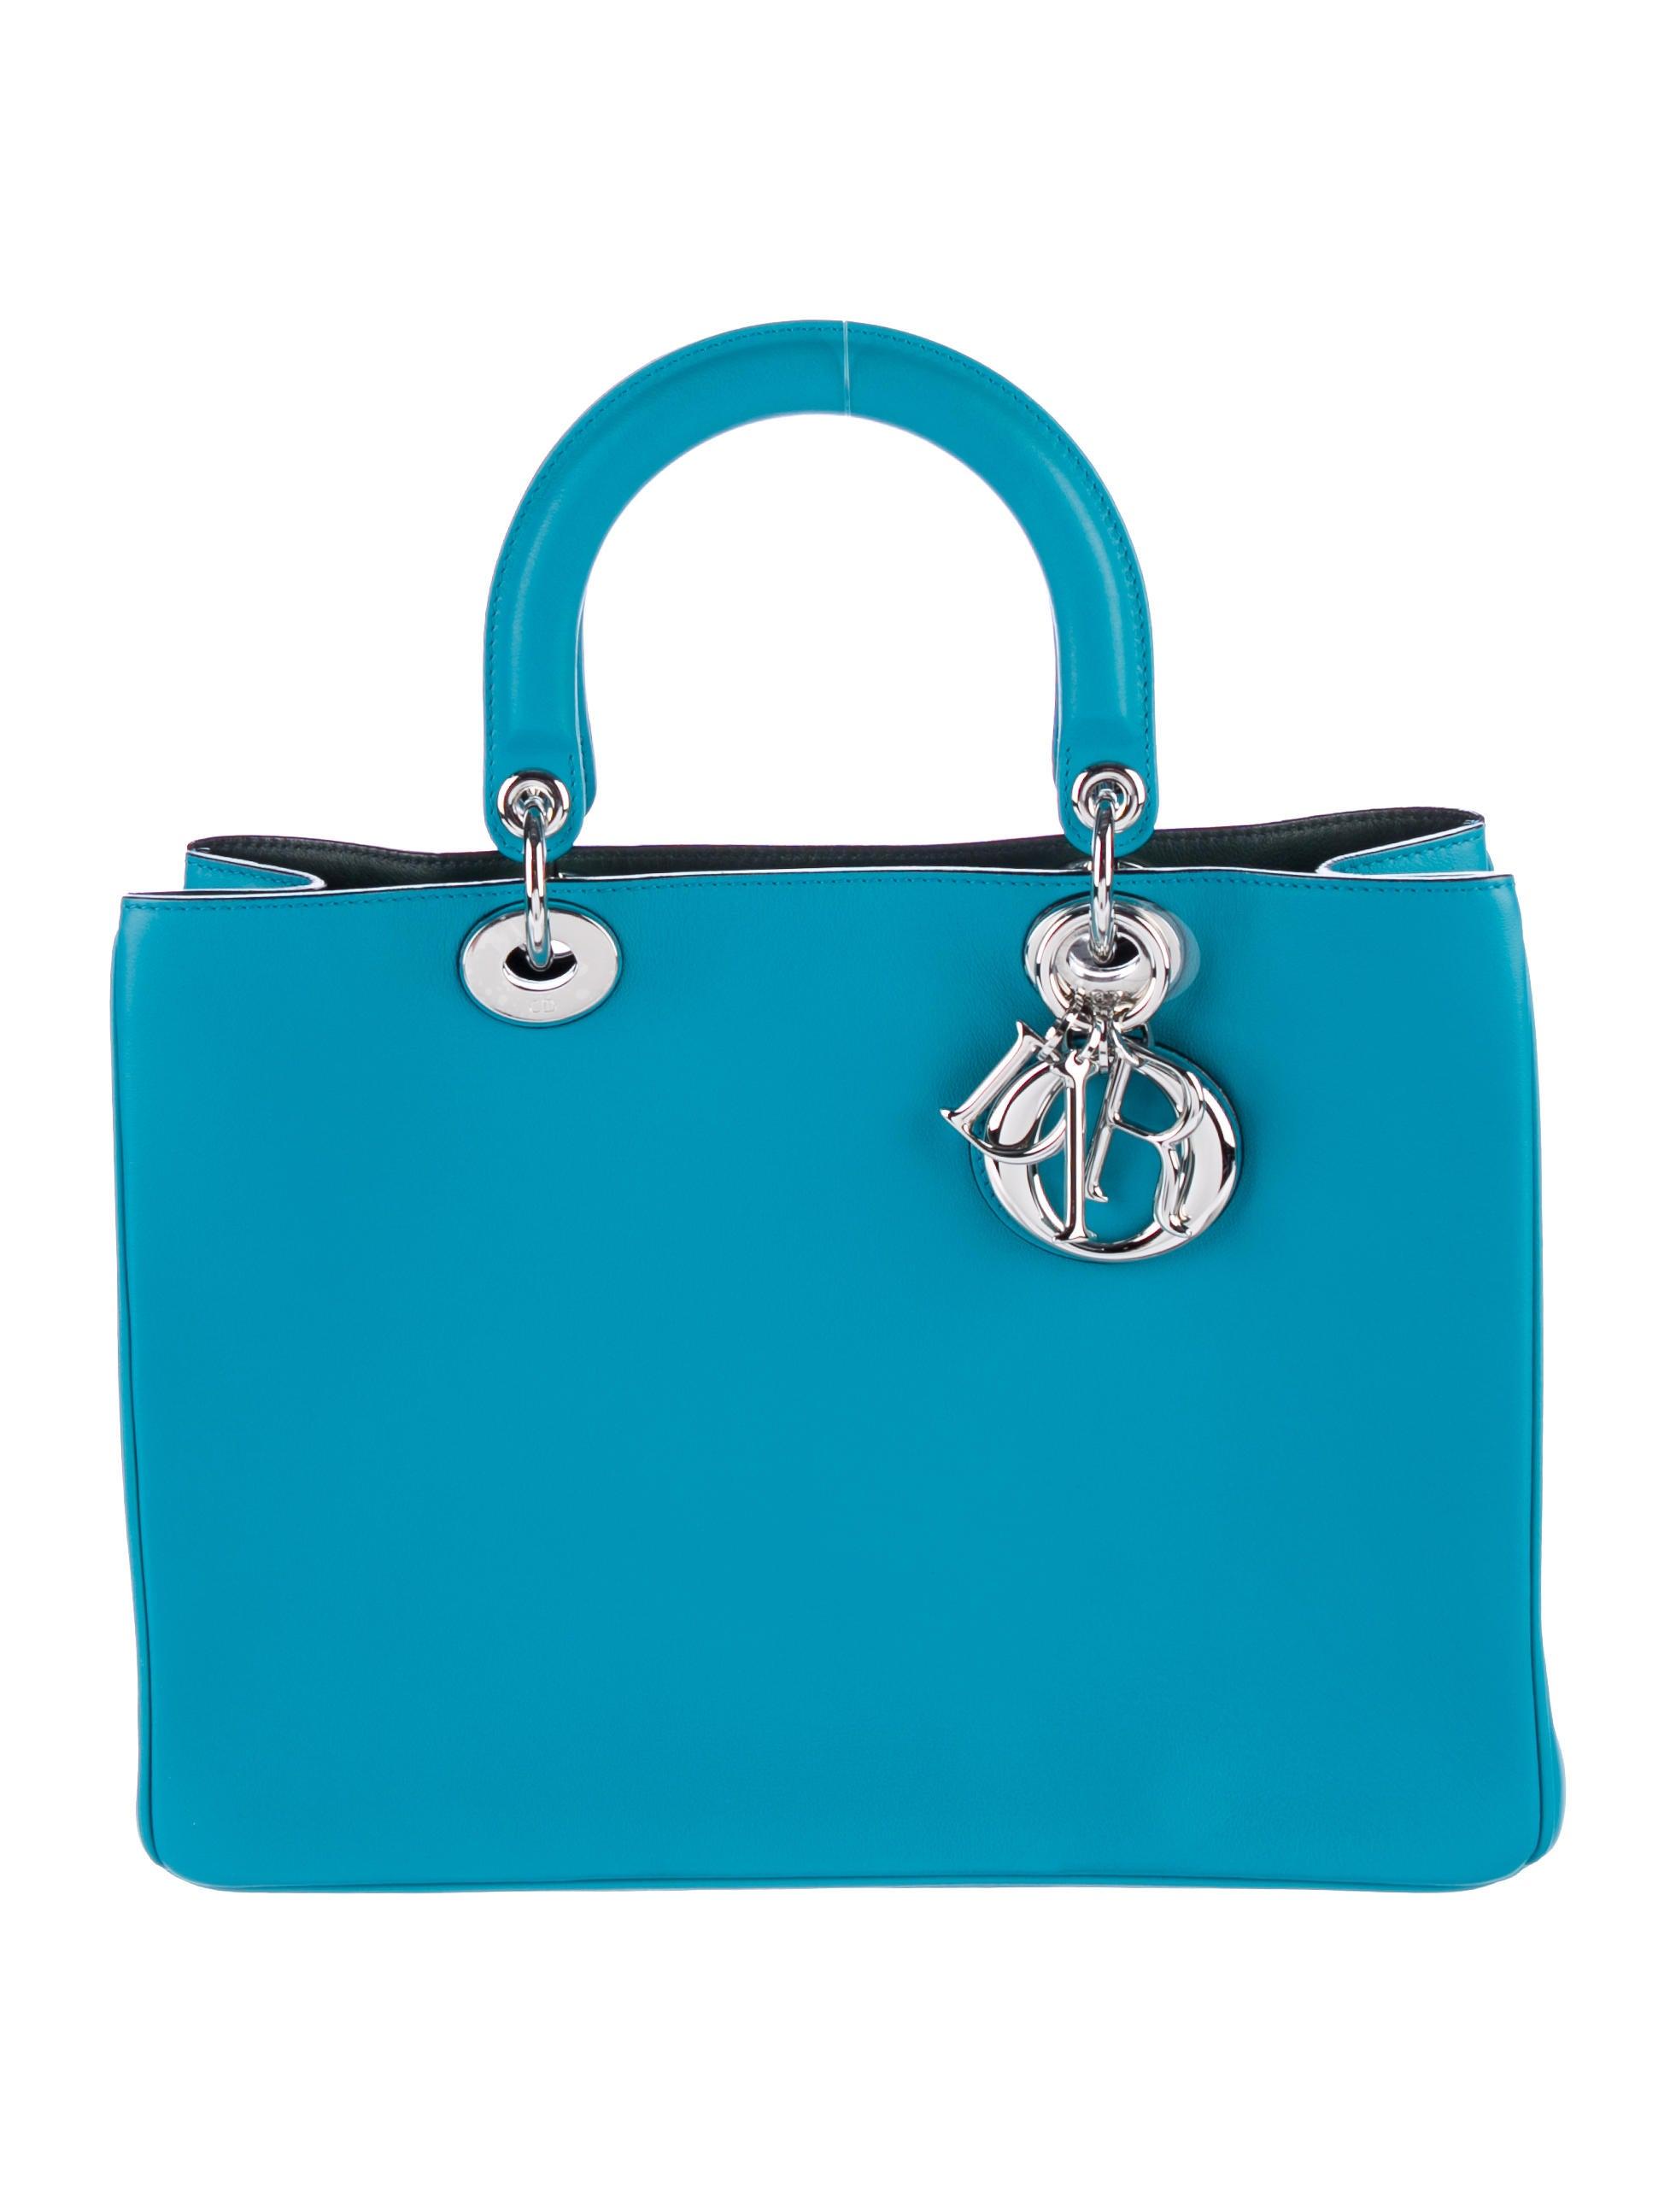 Christian Dior Medium Diorissimo Bag - Handbags - CHR59569 ...